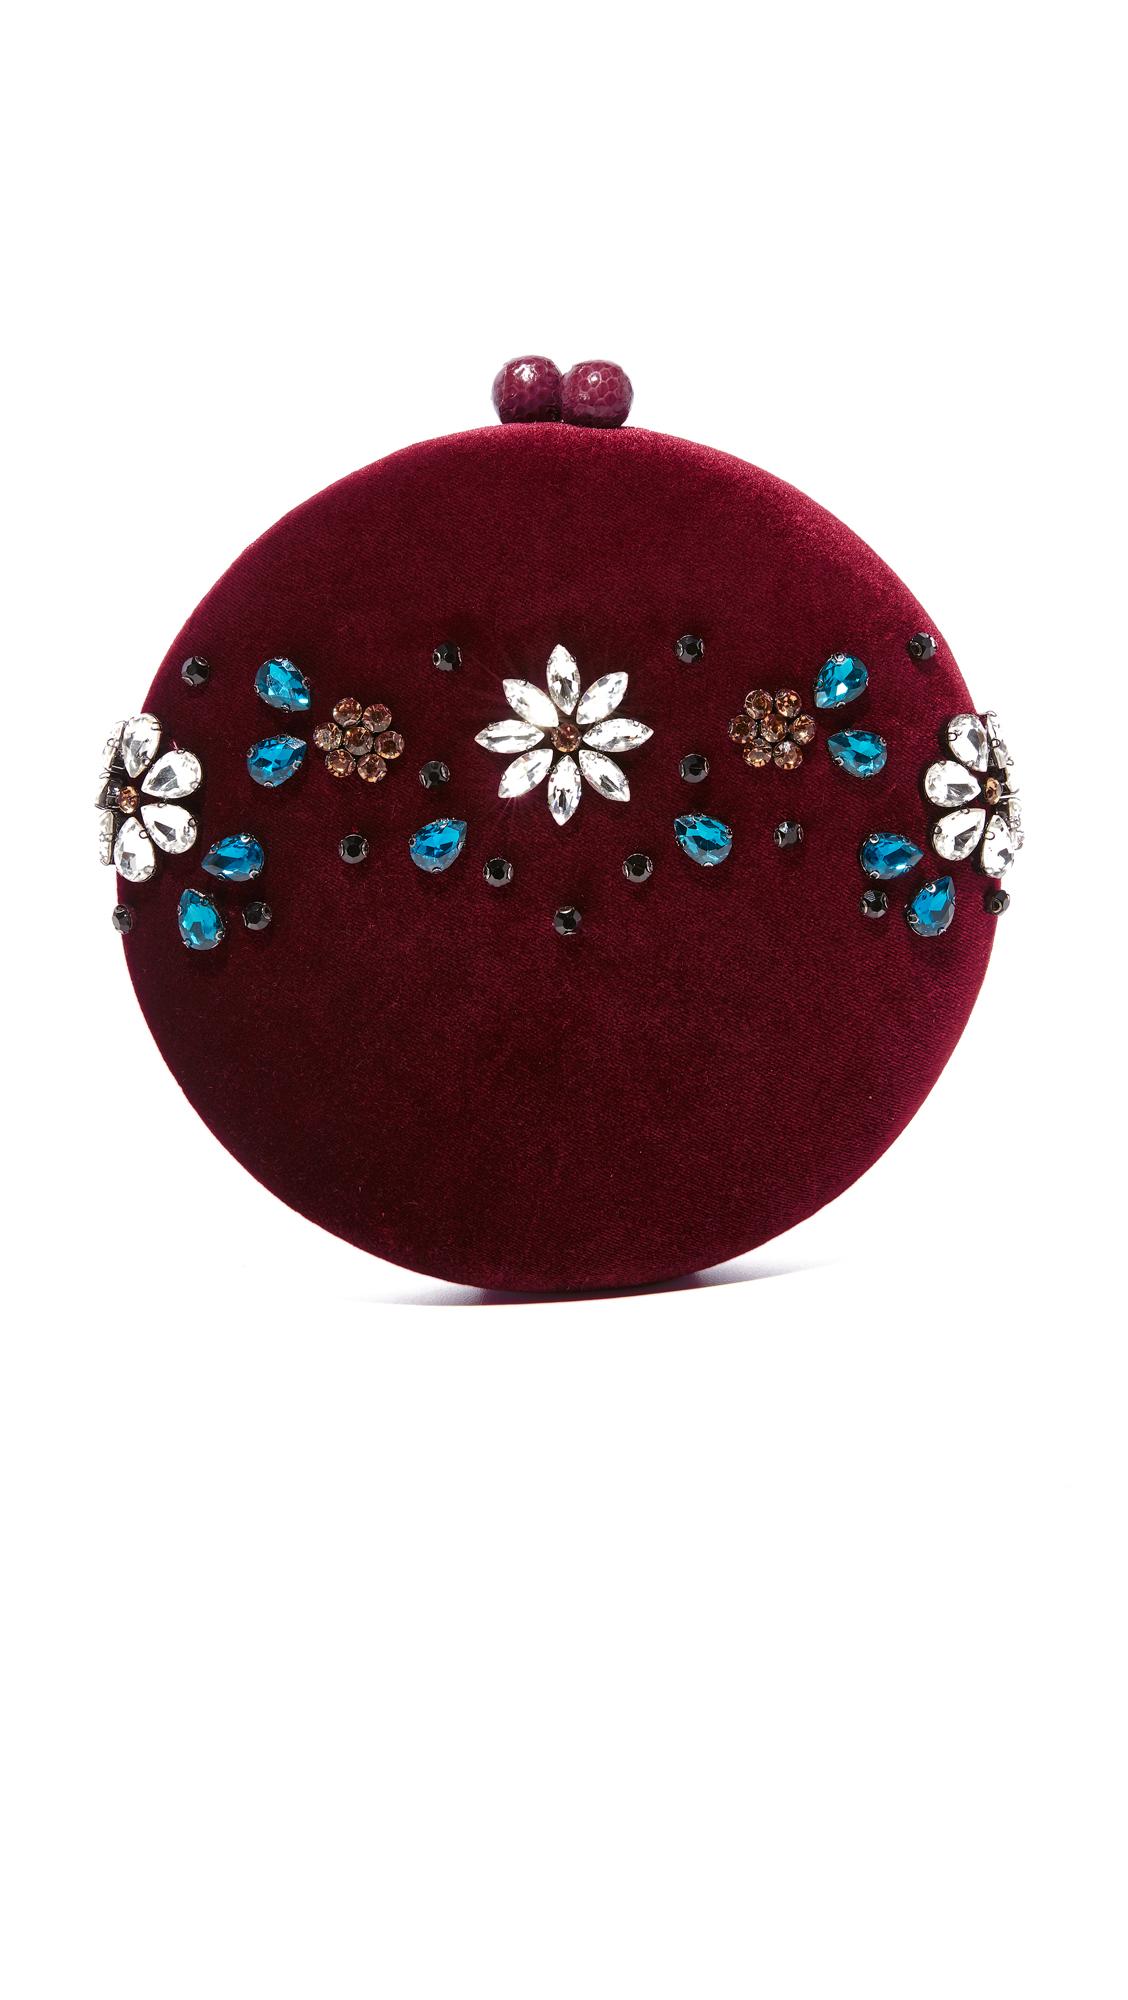 Serpui Marie Lizzy Velvet Bag - Burgundy